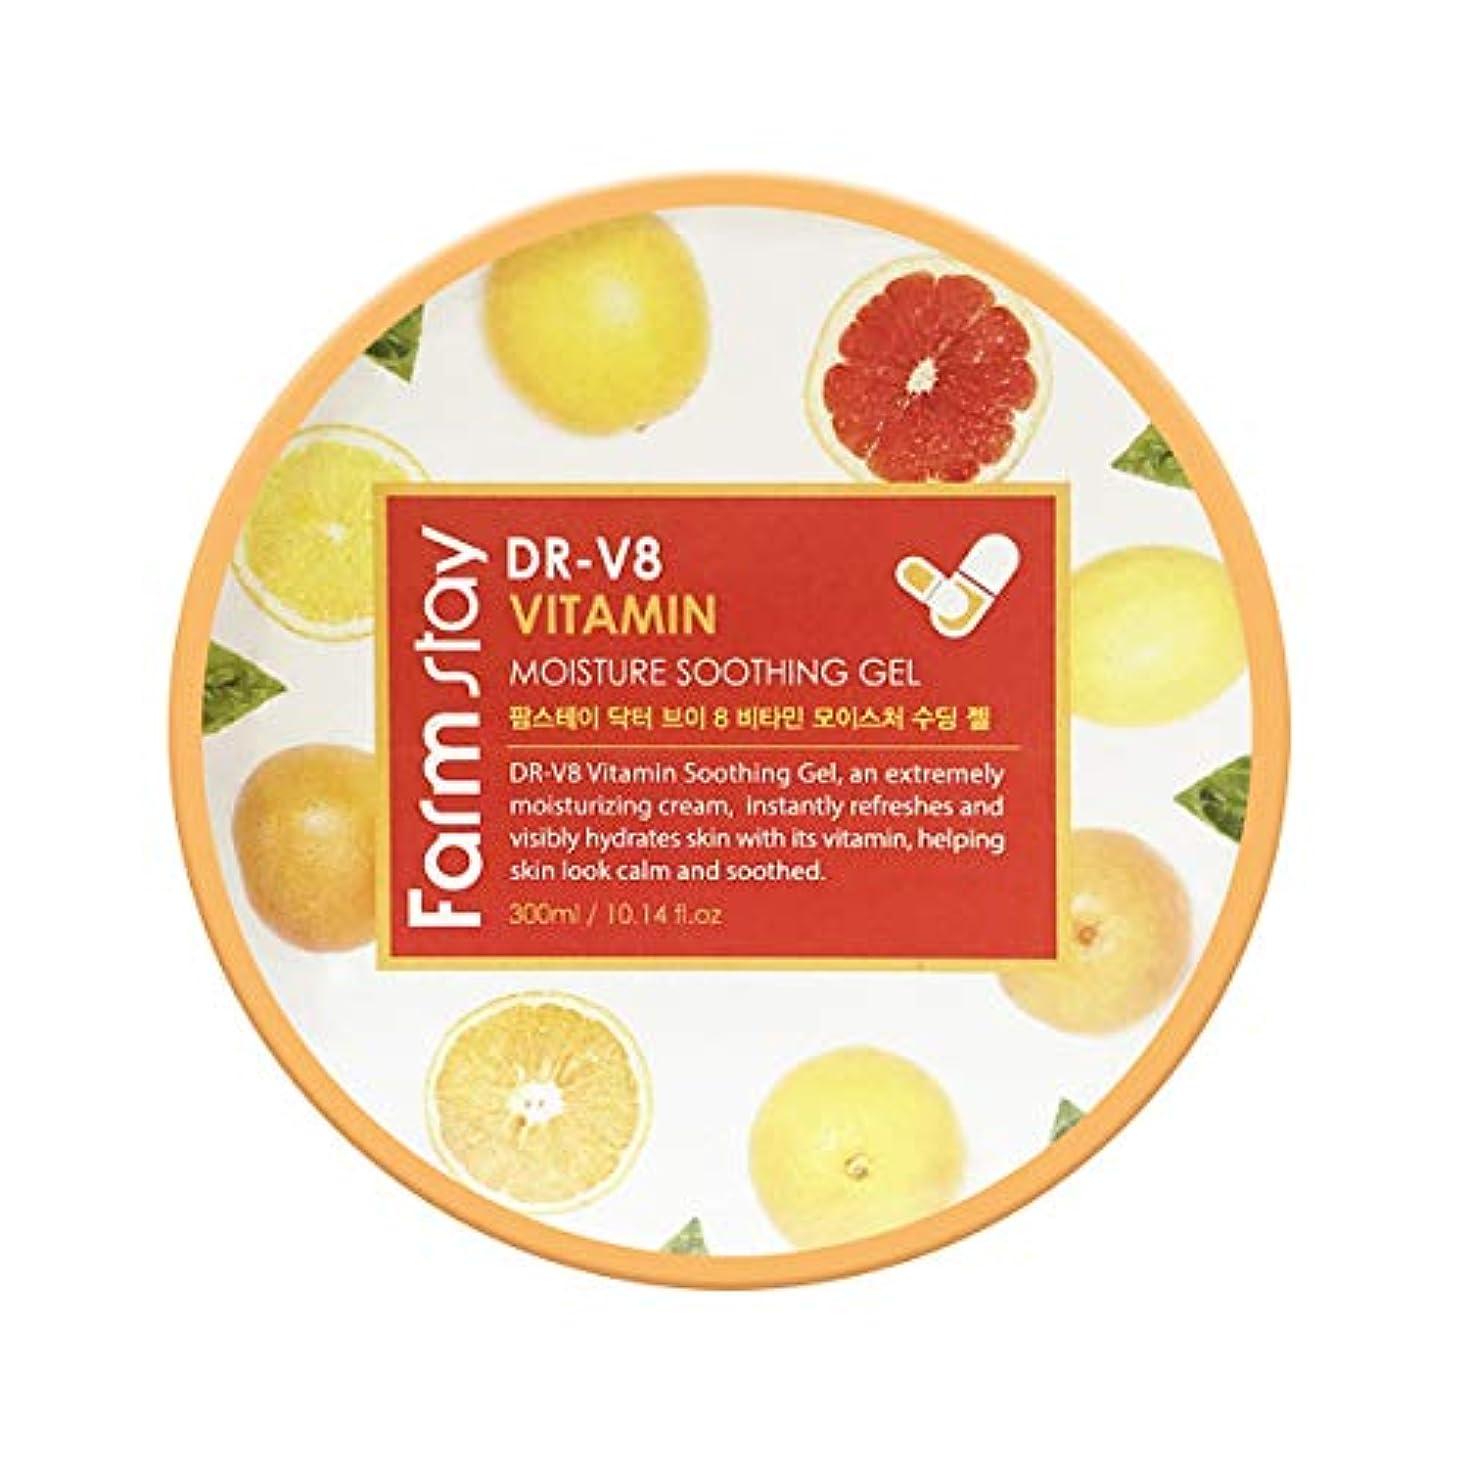 曲がったうなずく壊れた[Farmstay] ファームステイ DR-V8 Vitamin ビタミン Moisture Soothing Gel スディンジェル300ml